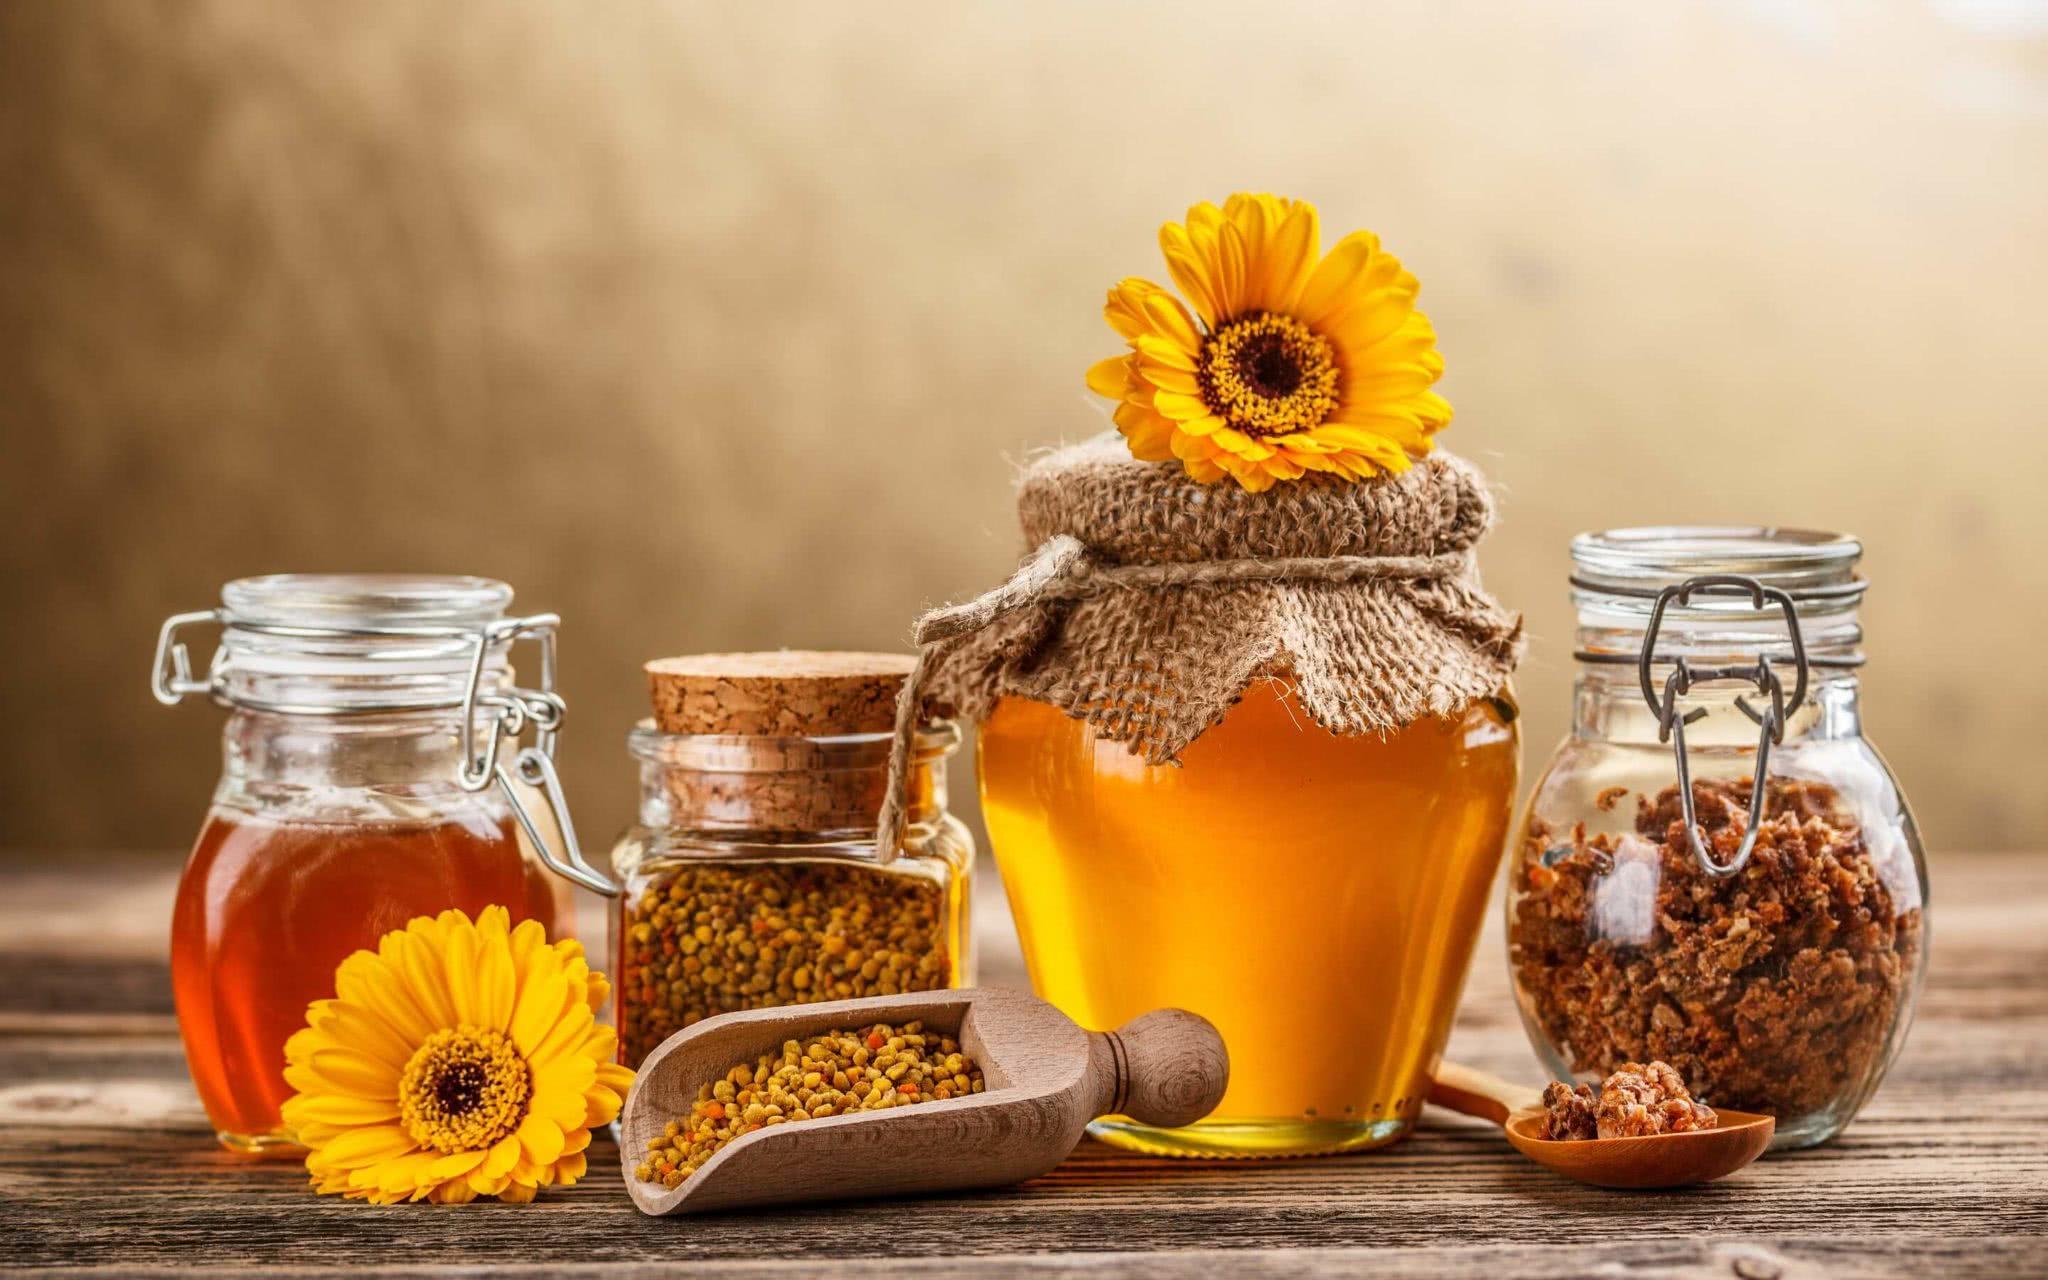 Производство меда как бизнес